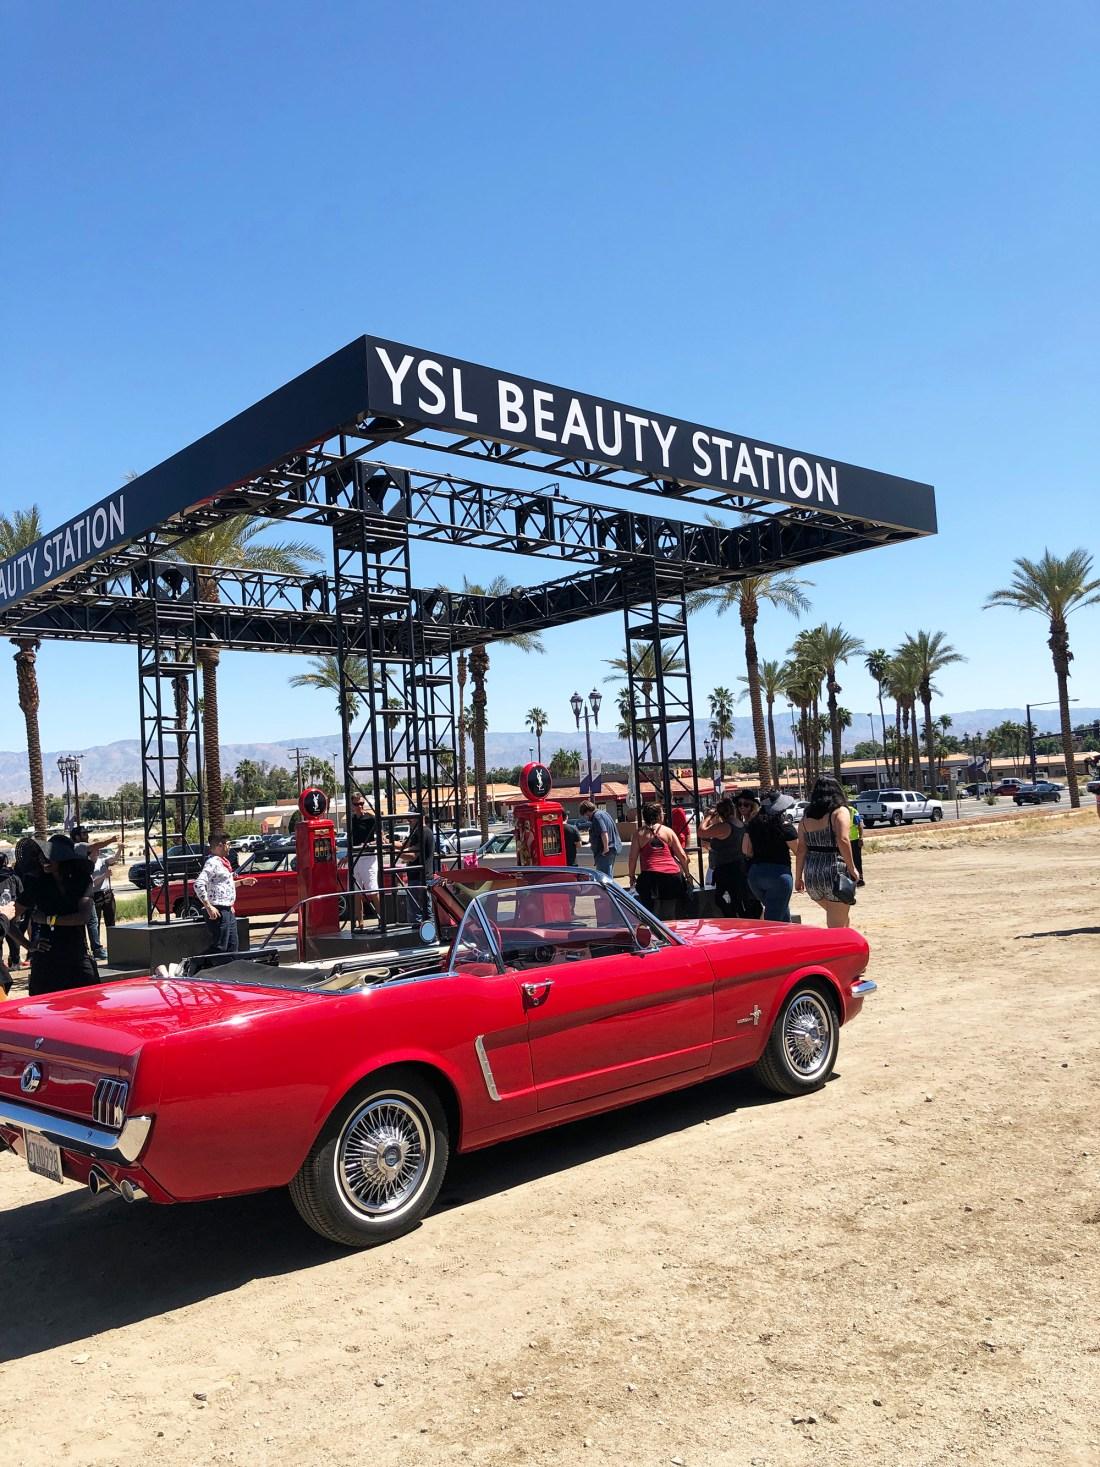 YSL Beauty Station Popup Coachella | A Good Hue